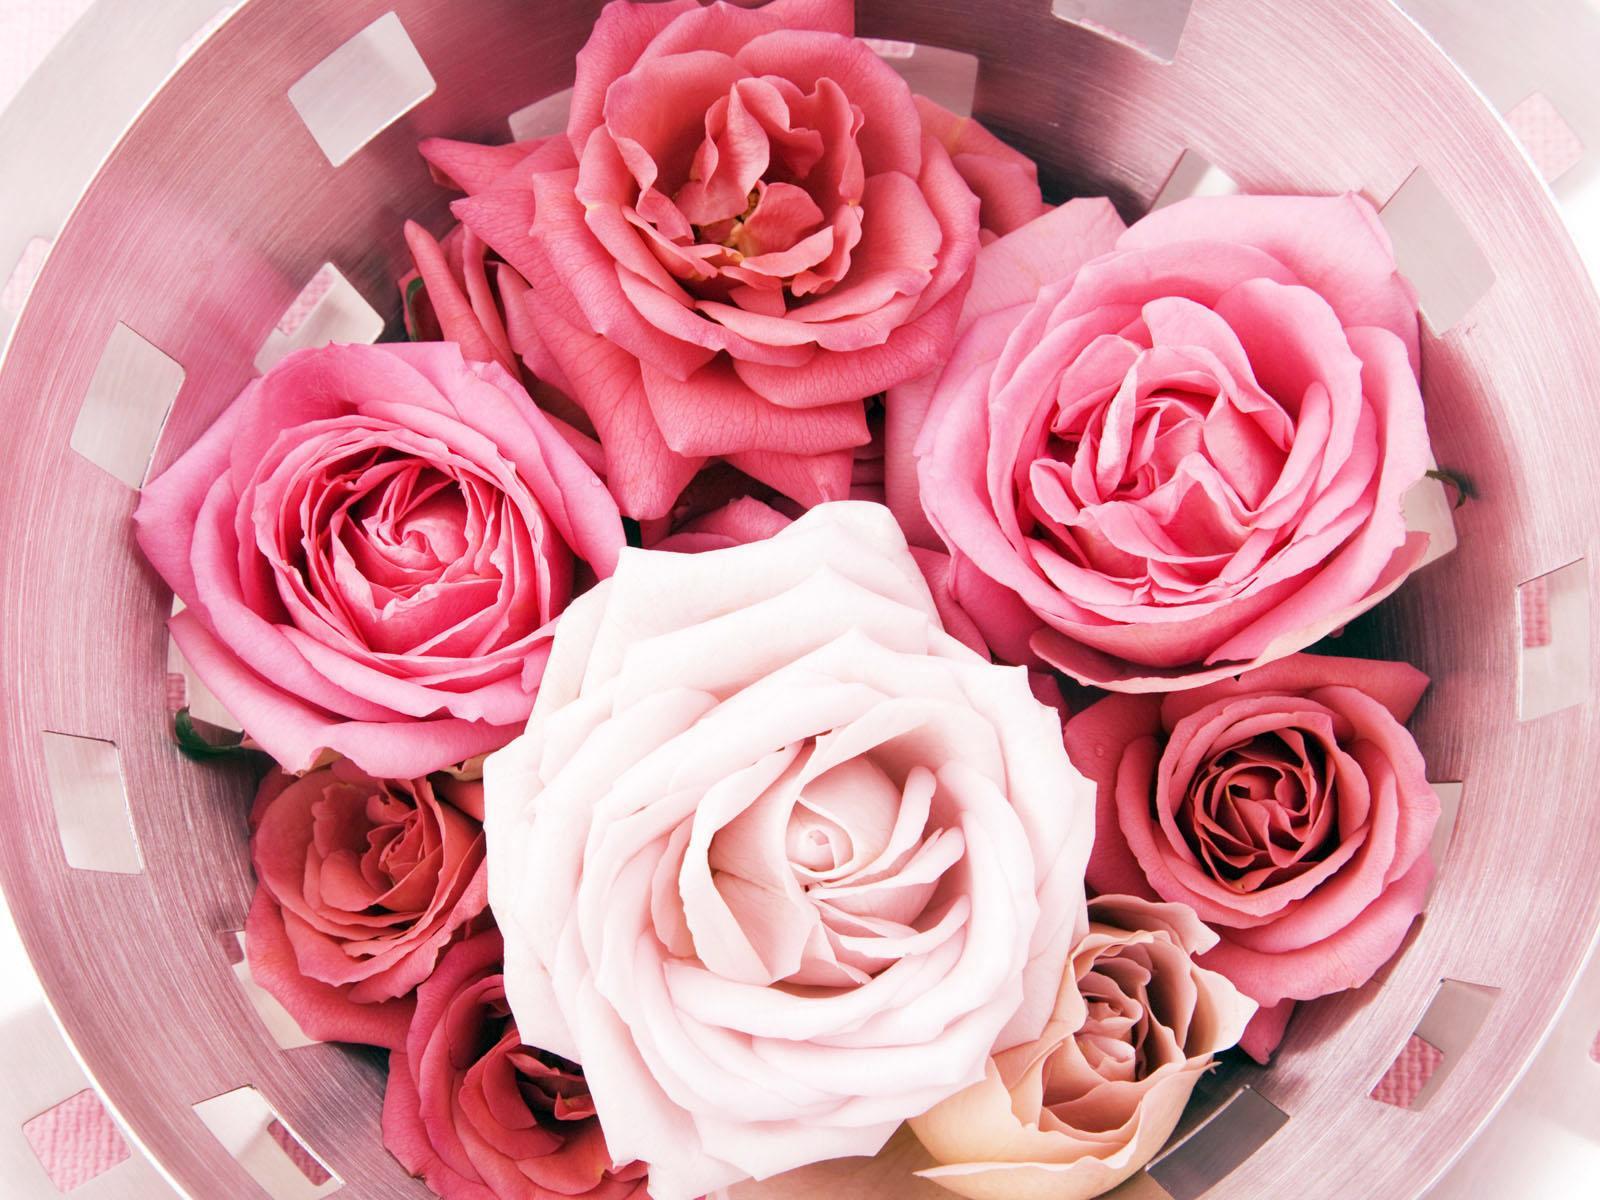 Roses,wallpapers free, fonds d'écran gratuits